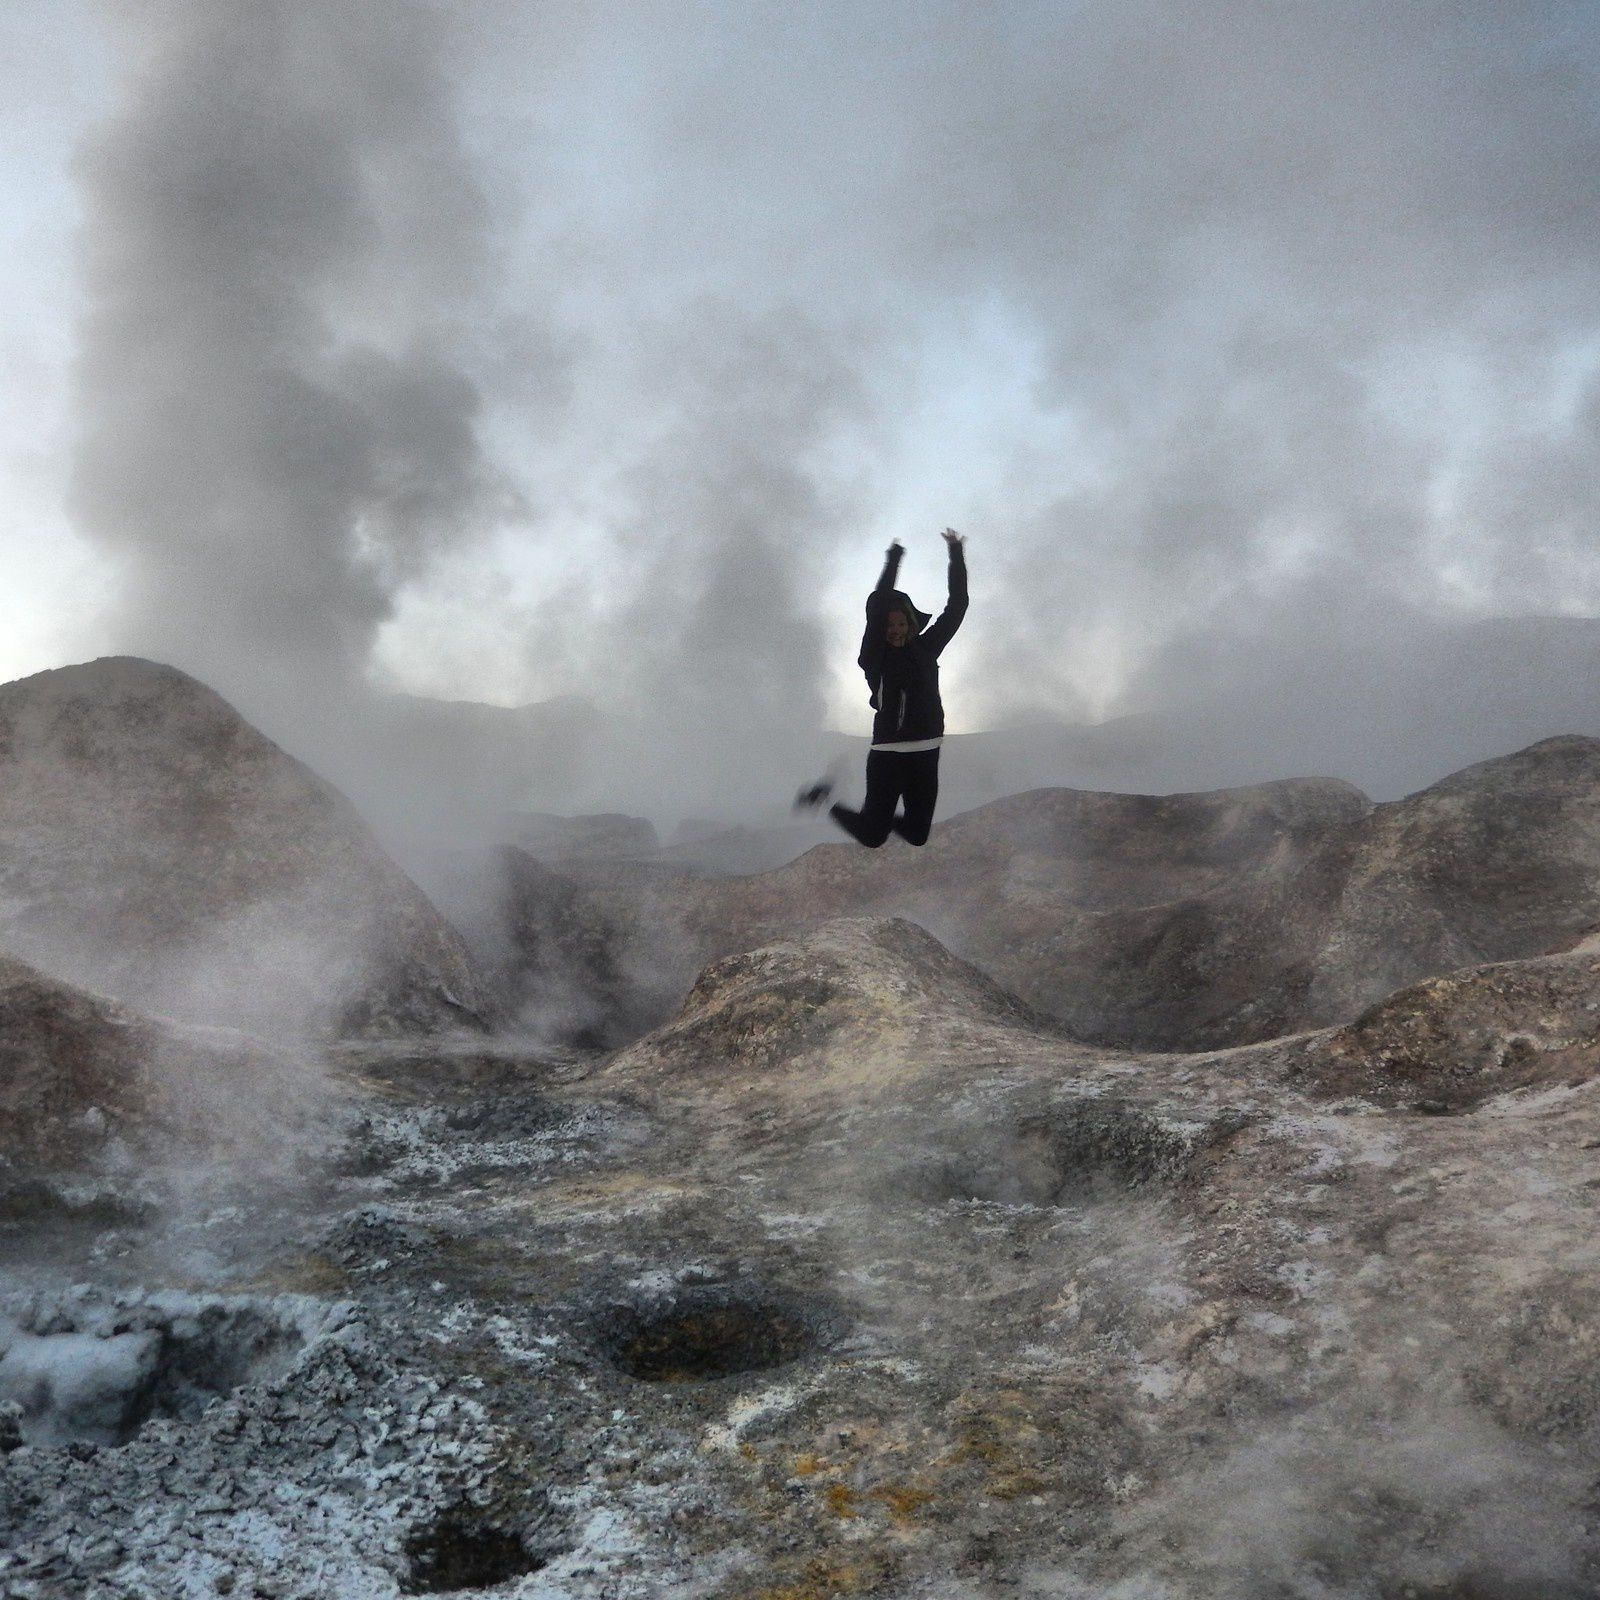 Bolivie (2): Du paysage de carte postale à la réalité: Bienvenue dans le Salar d'Uyuni, Desert du Sud-Lipez.